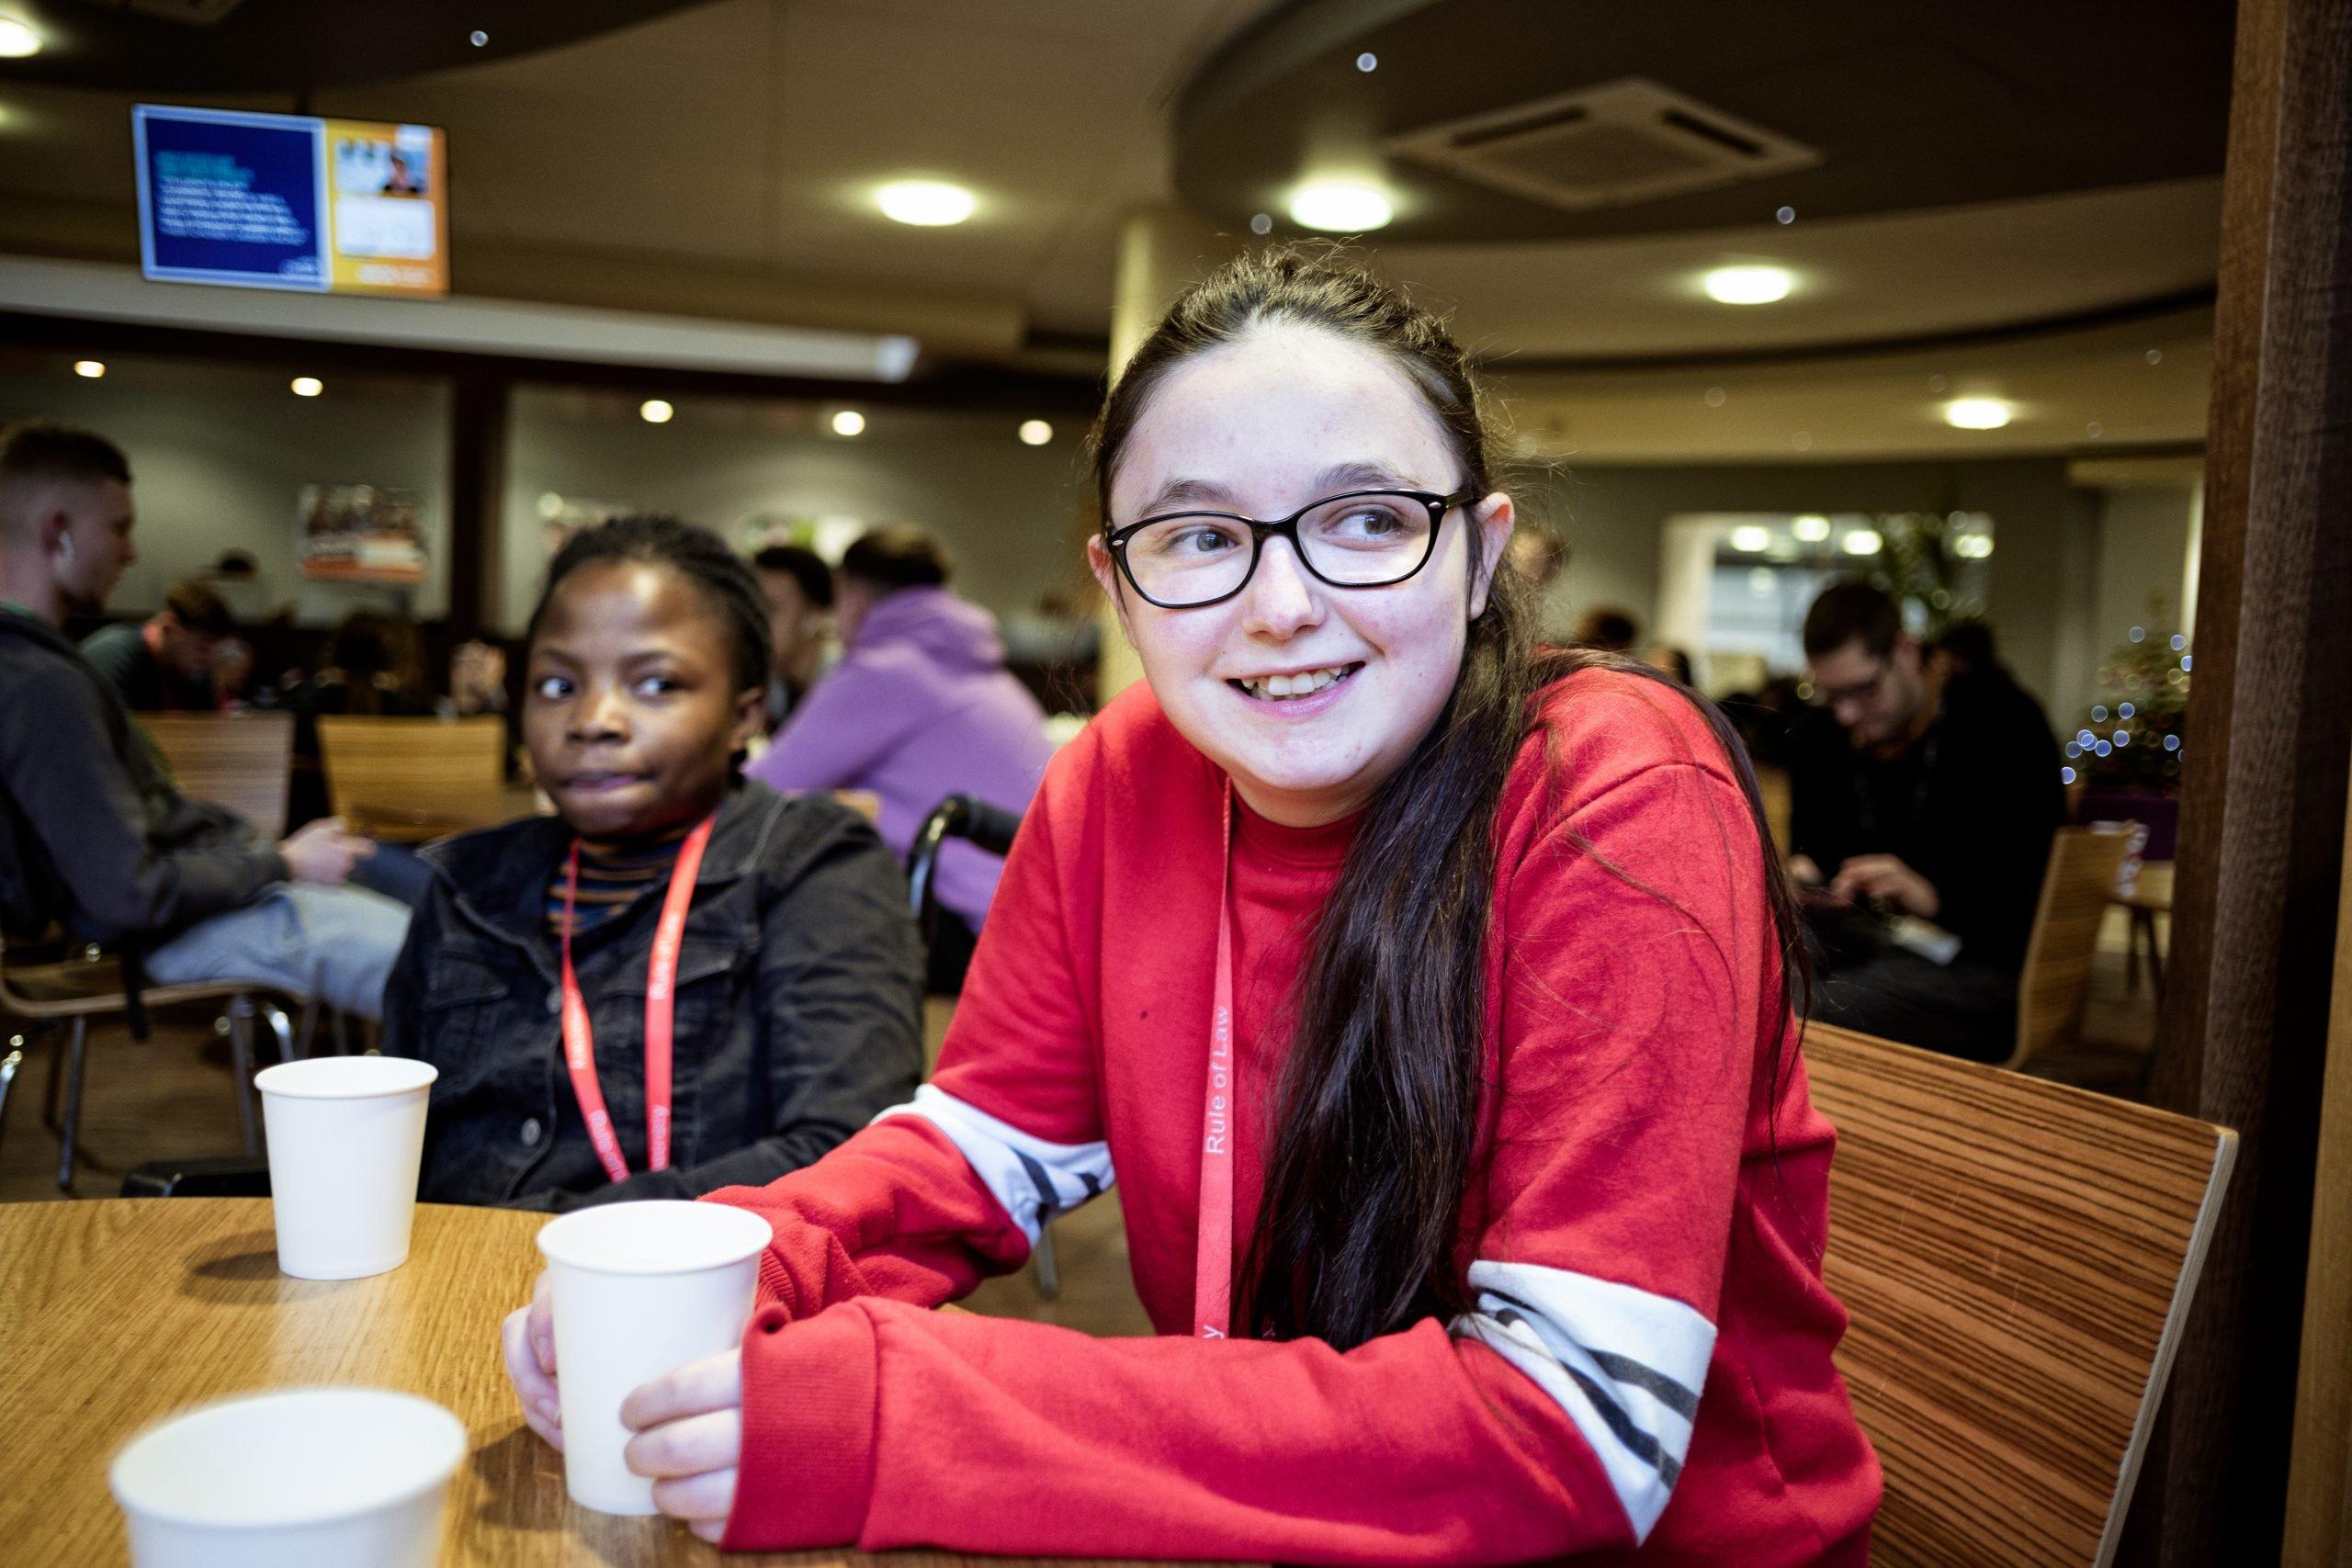 Happy smiling female teenager in red hoody